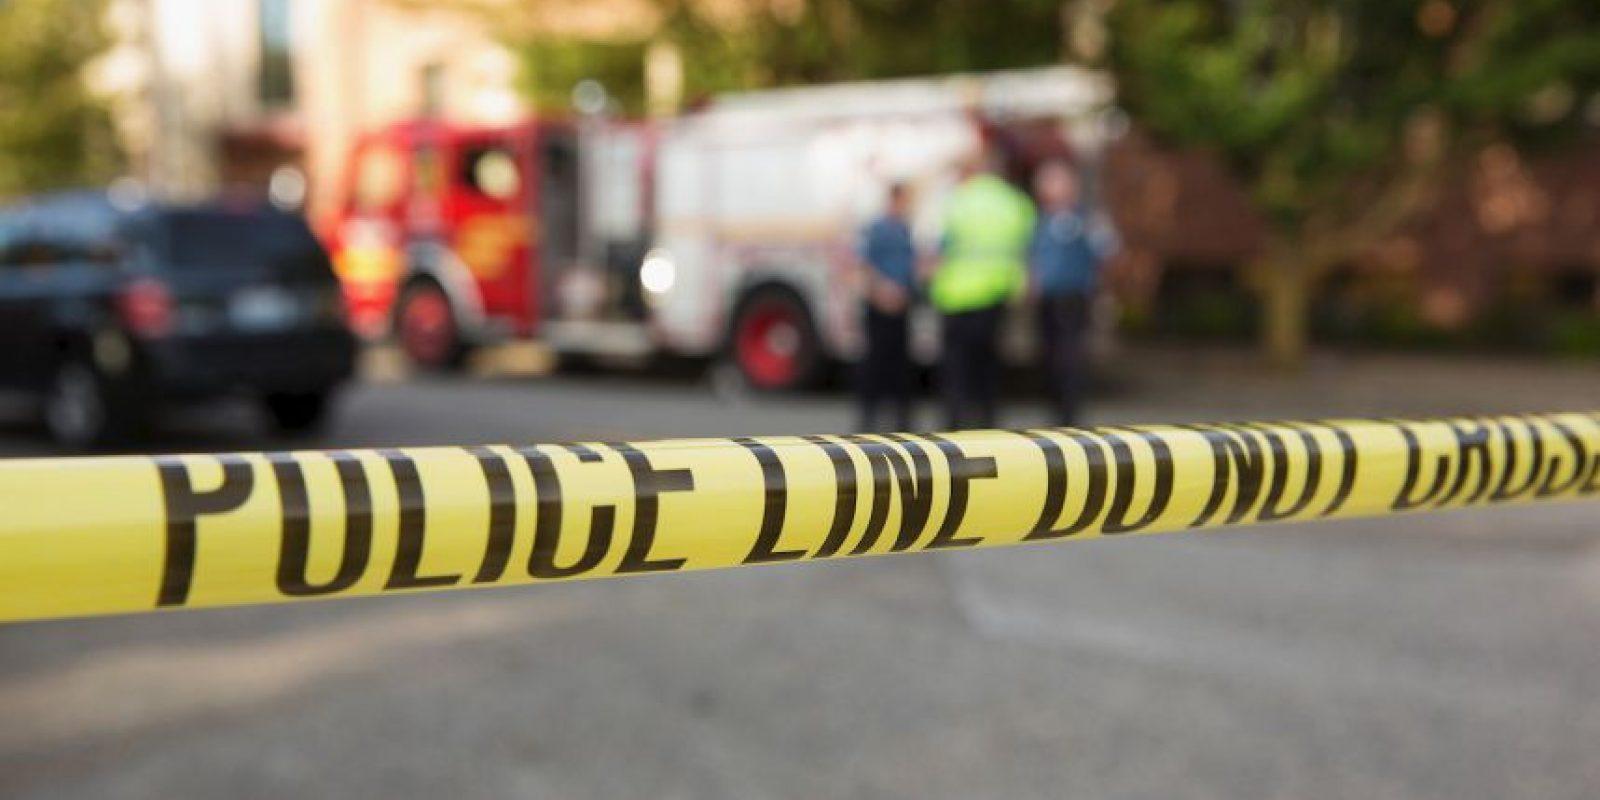 """En 2011 apareció el cuerpo de la bloguera que escribía bajo el nombre de """"La Nena de Laredo"""". Según el portal """"Periodismo en Línea"""", la mujer escribía sobre el narcotráfico en la región. Múltiples blogueros han sido asesinados en ese país. Foto:Getty Images"""